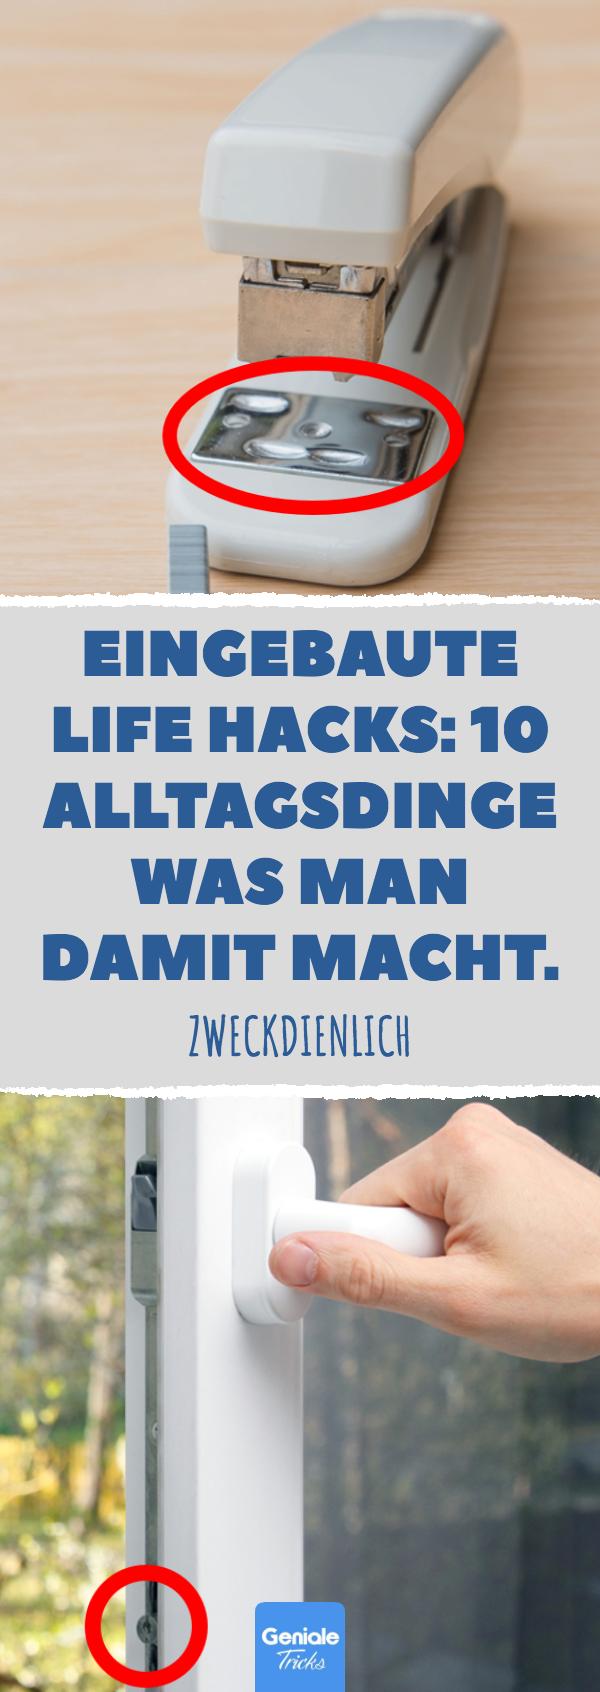 Built-in Life Hacks: 10 alltägliche Dinge, die Sie damit machen können. # Alltagsgegenstand # Büro # Leben # Hacks # Zweck